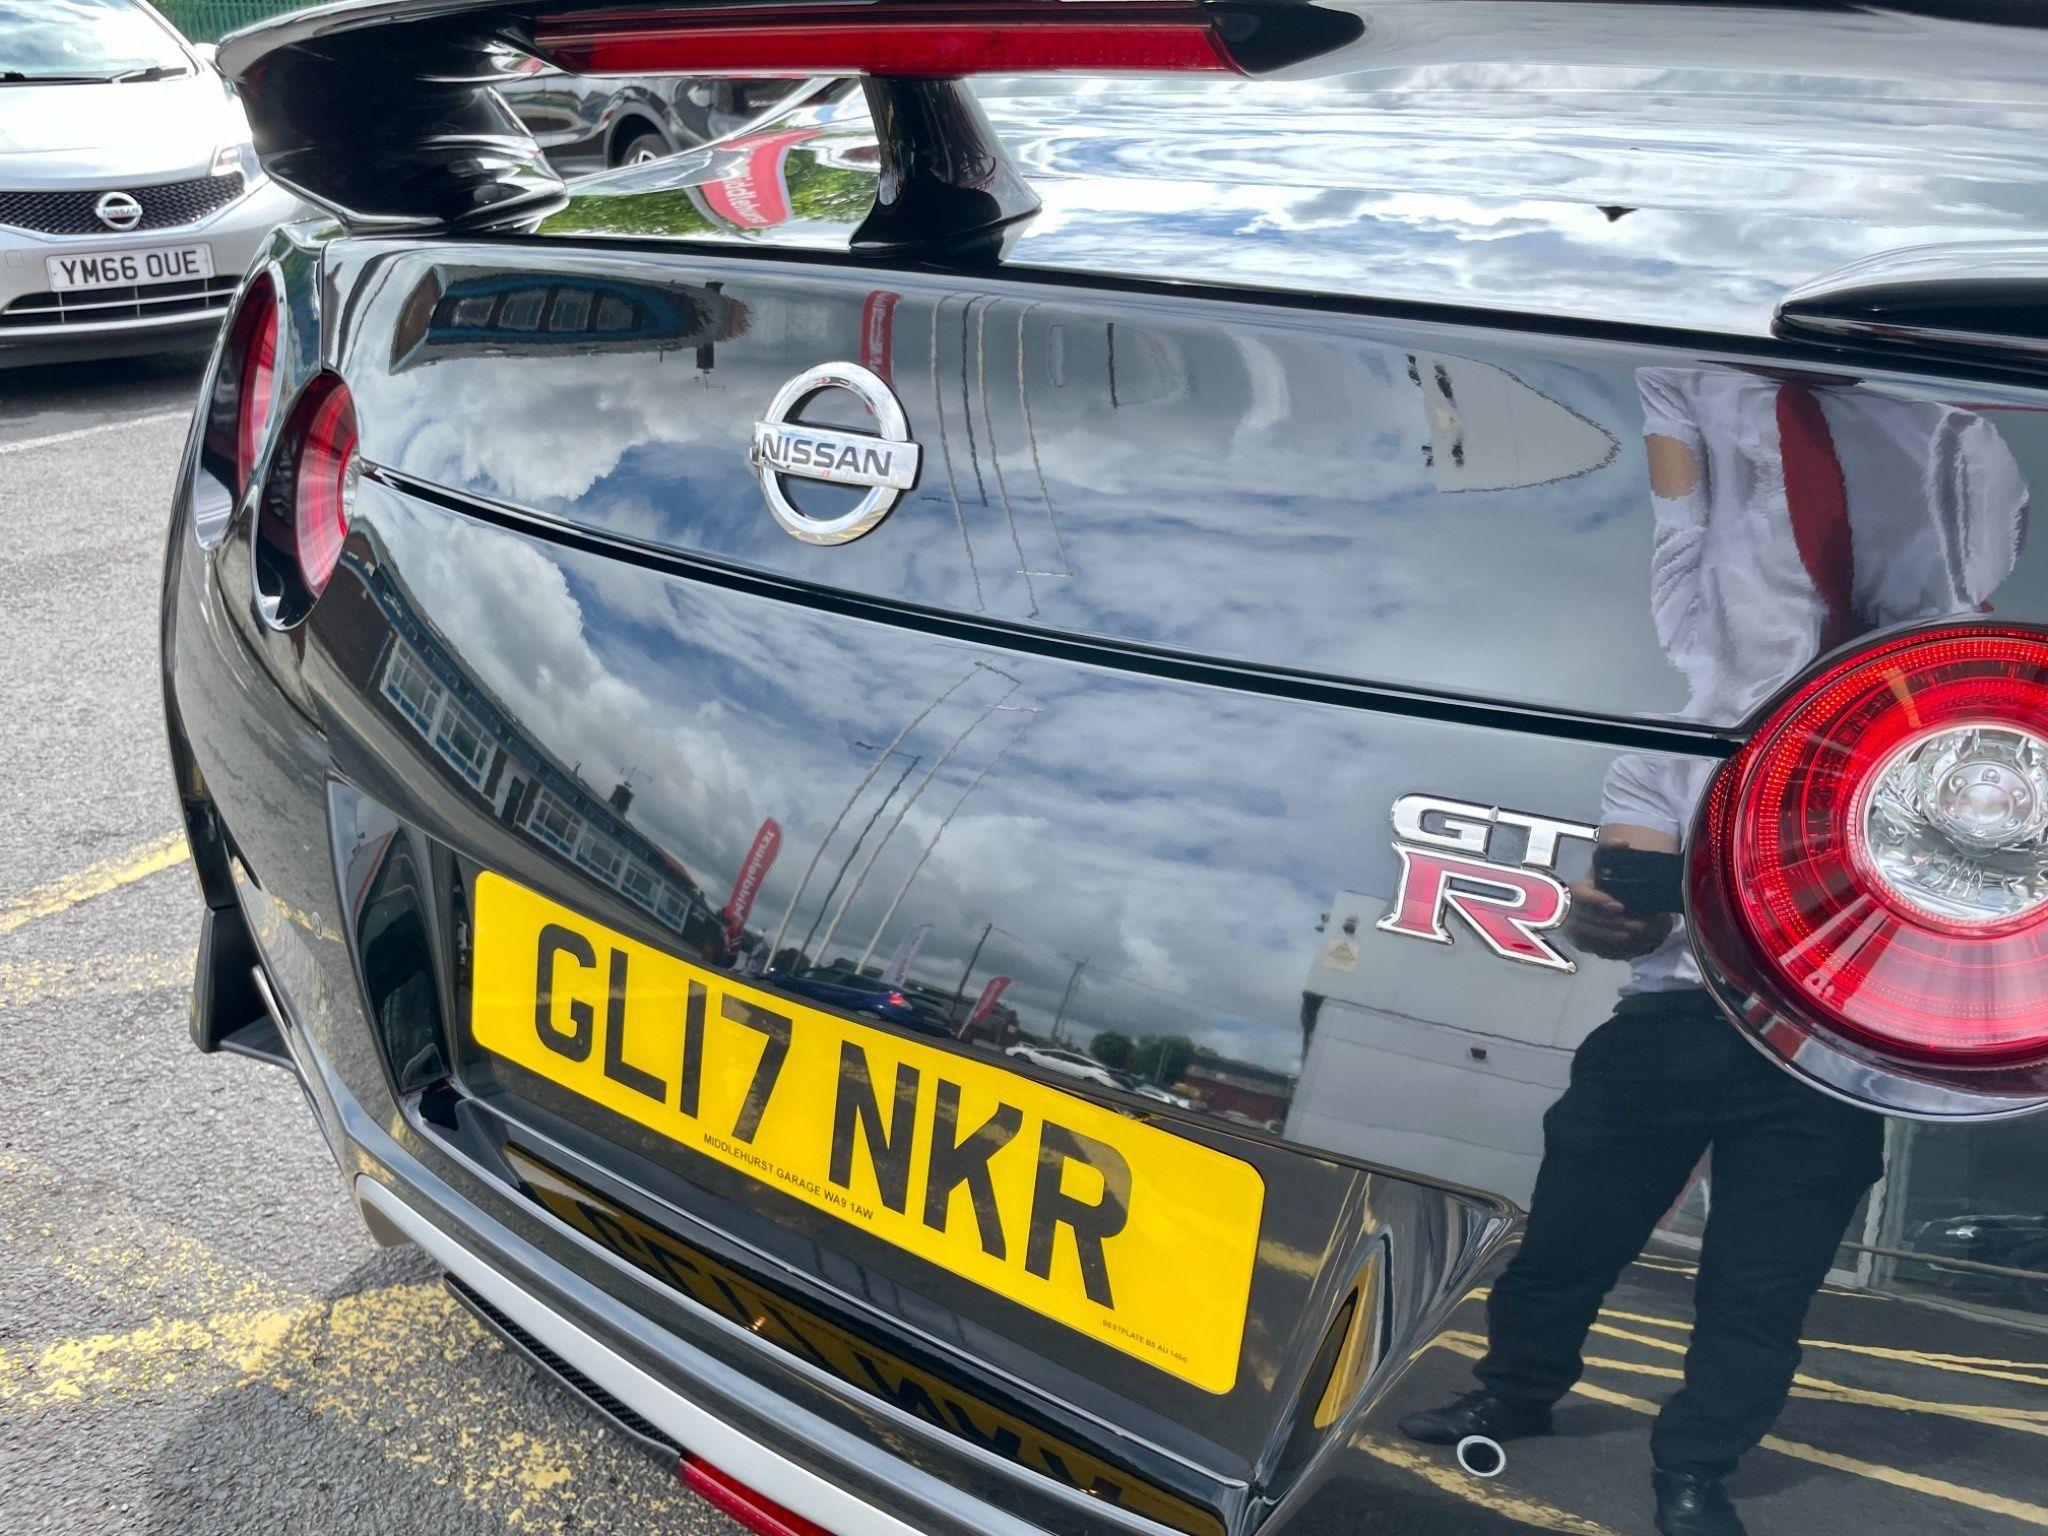 GL17NKR